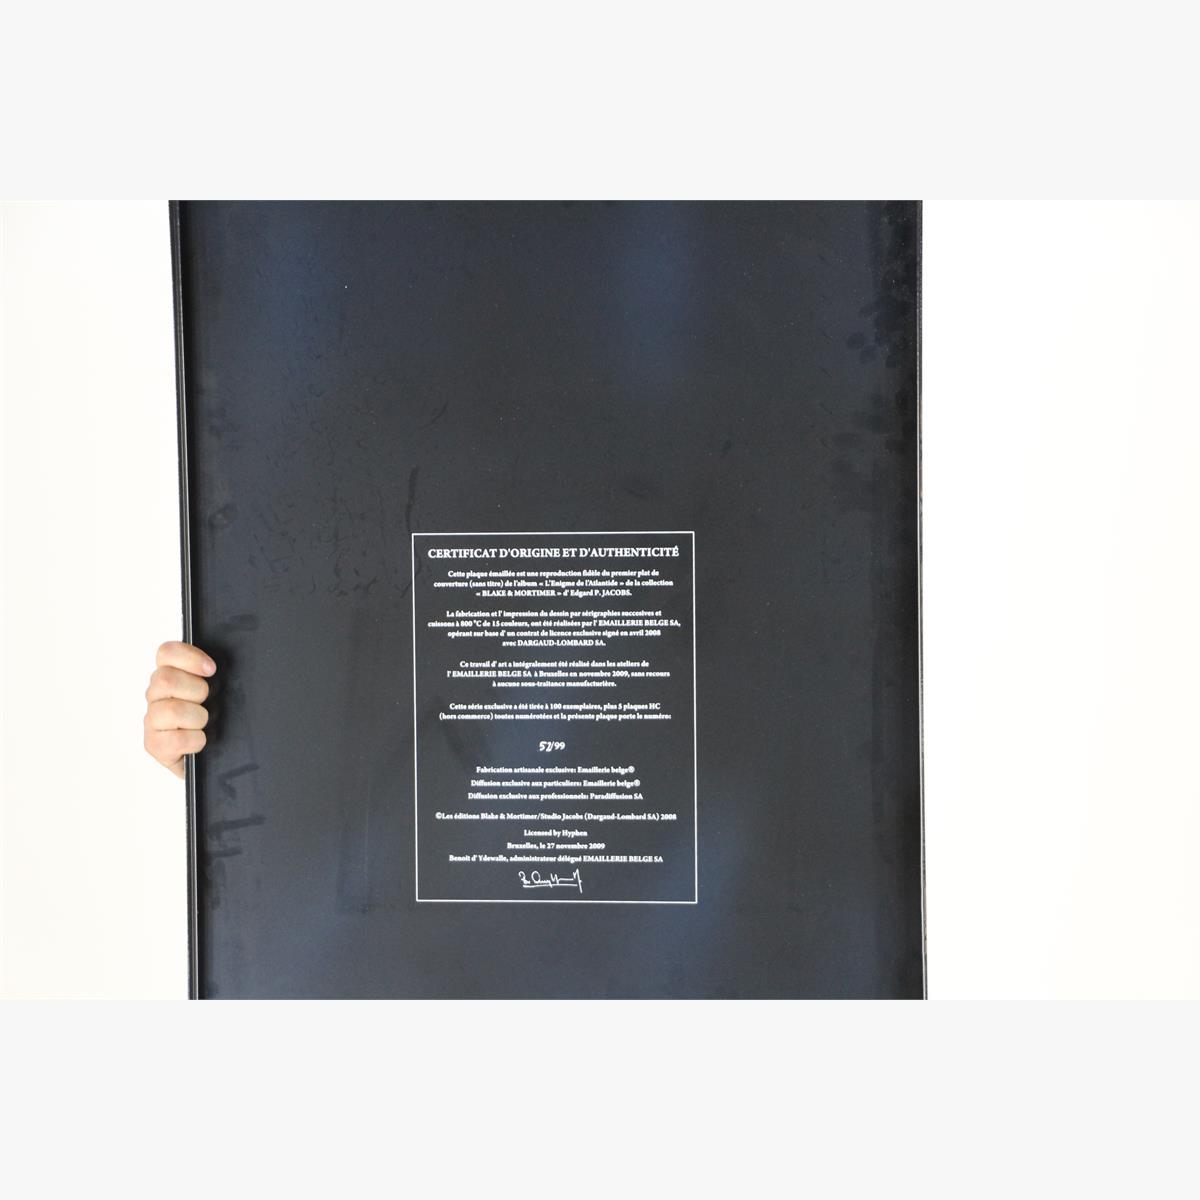 Afbeeldingen van emaille bord blake & mortimer '' het raadsel van atlantis oplage 99 nr 52 van de 99 van het jaar 2009 plaque émaillee l'enigme de l'atlantide